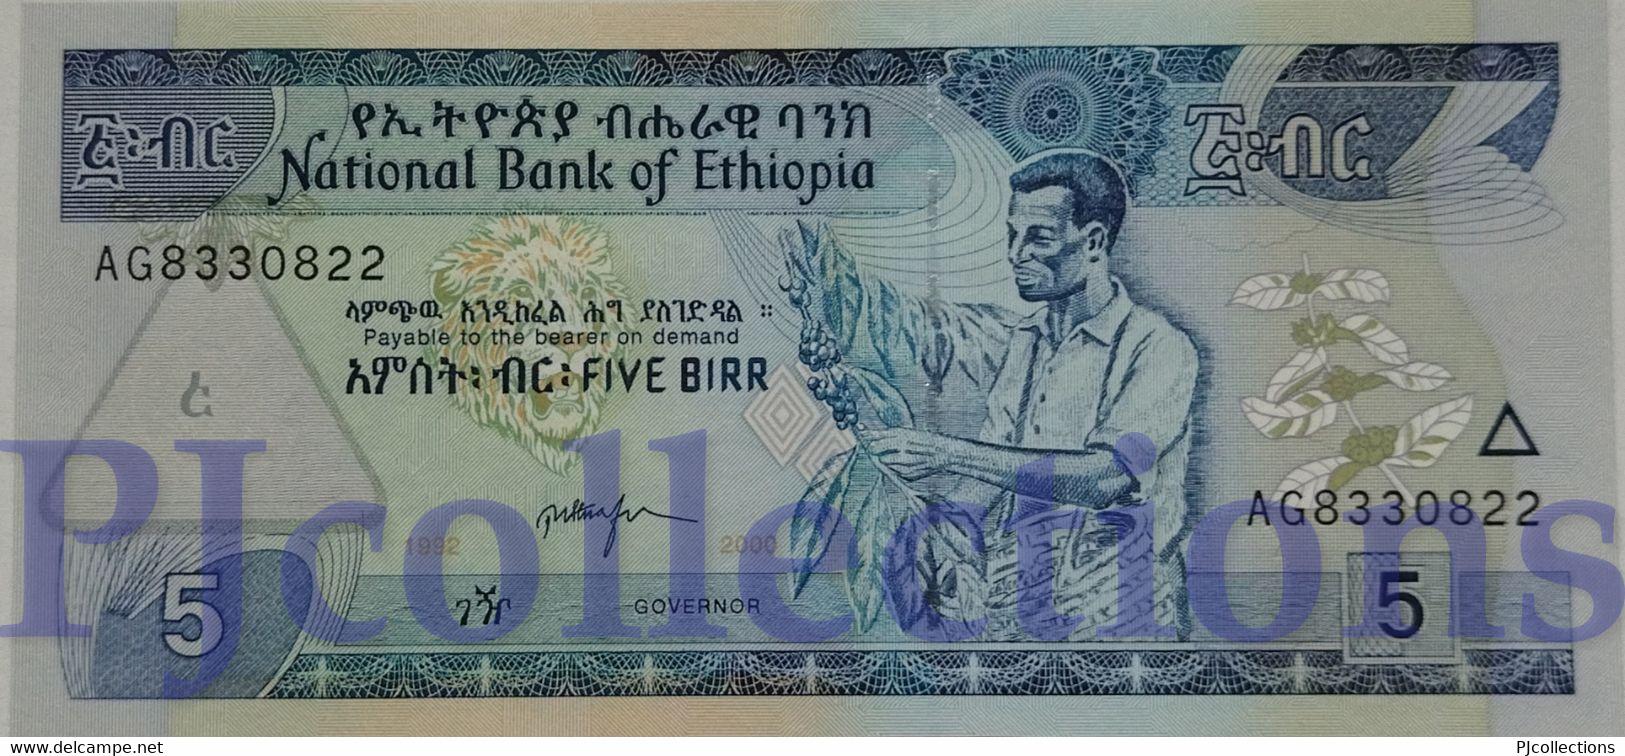 ETHIOPIA 5 BIRR 2000 PICK 47b UNC - Ethiopie